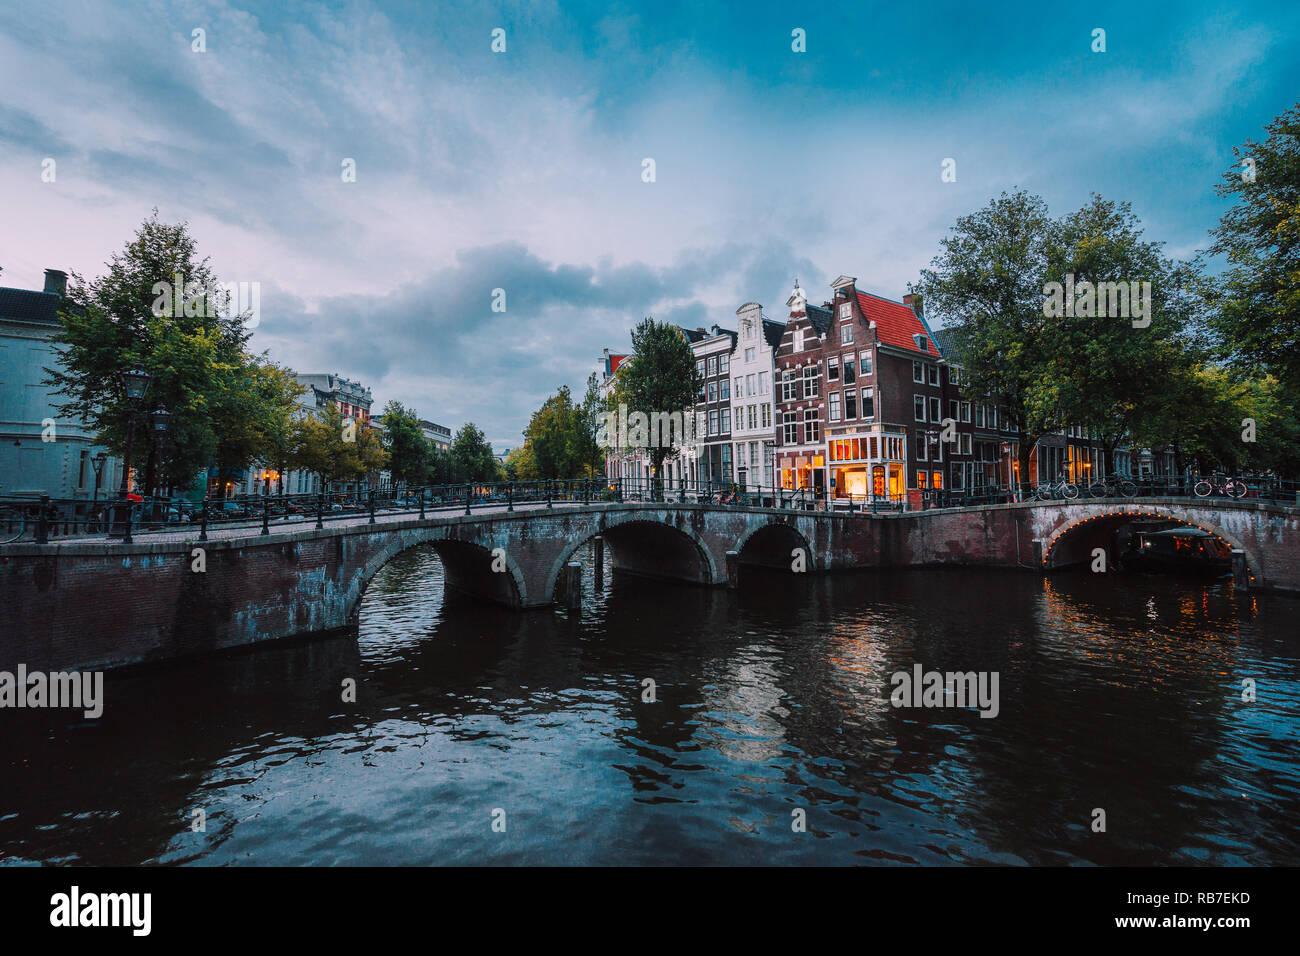 Ponte sul Keizersgracht imperatore del canale in Amsterdam, scena olandese al crepuscolo, Paesi Bassi Foto Stock